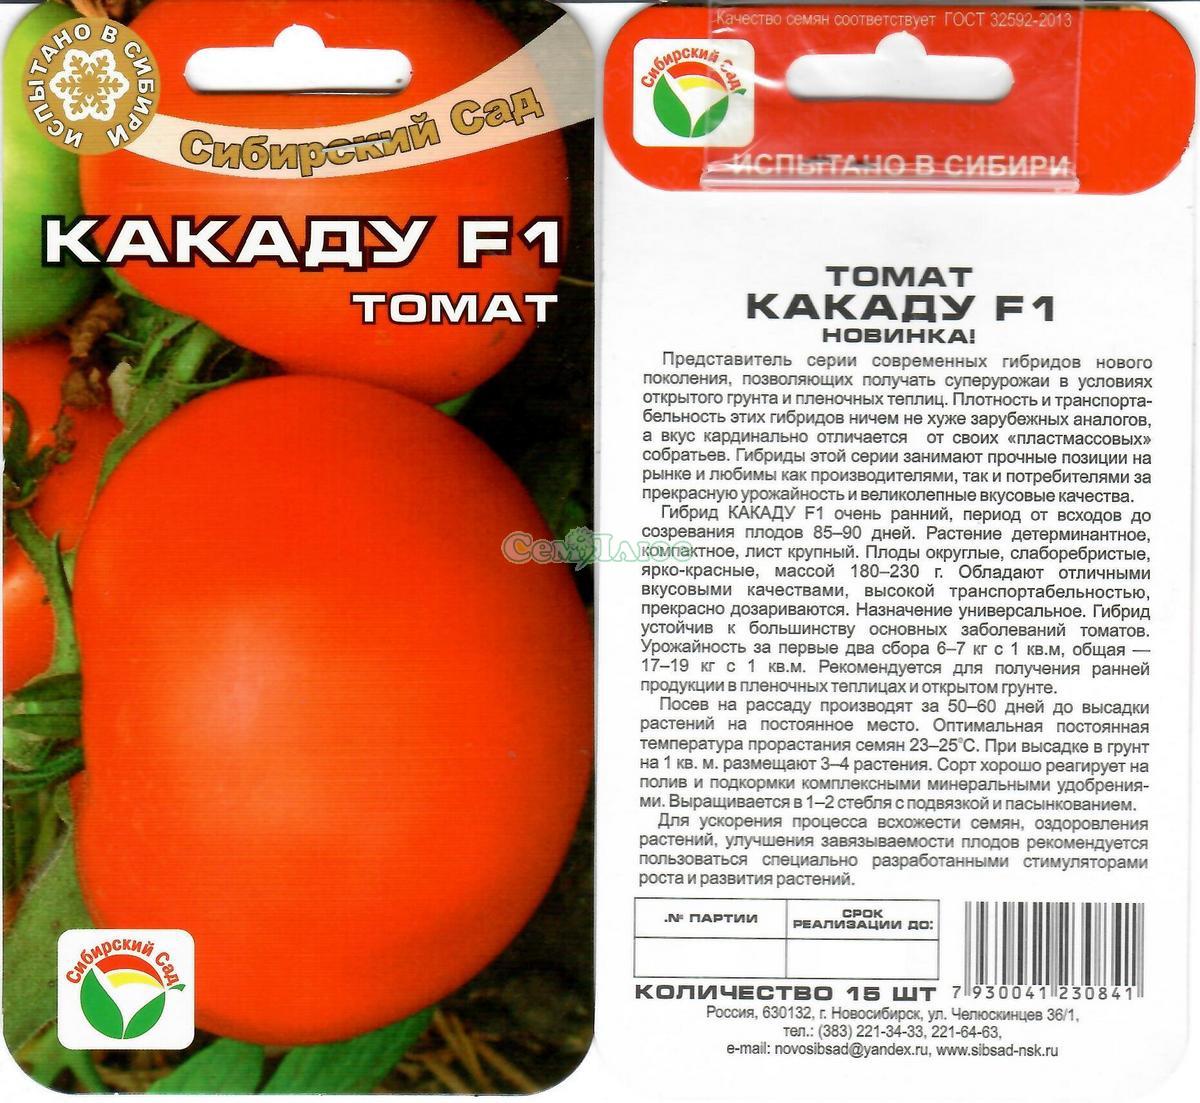 Томаты «микадо»: характеристика и описание сорта, отзывы фото урожайность